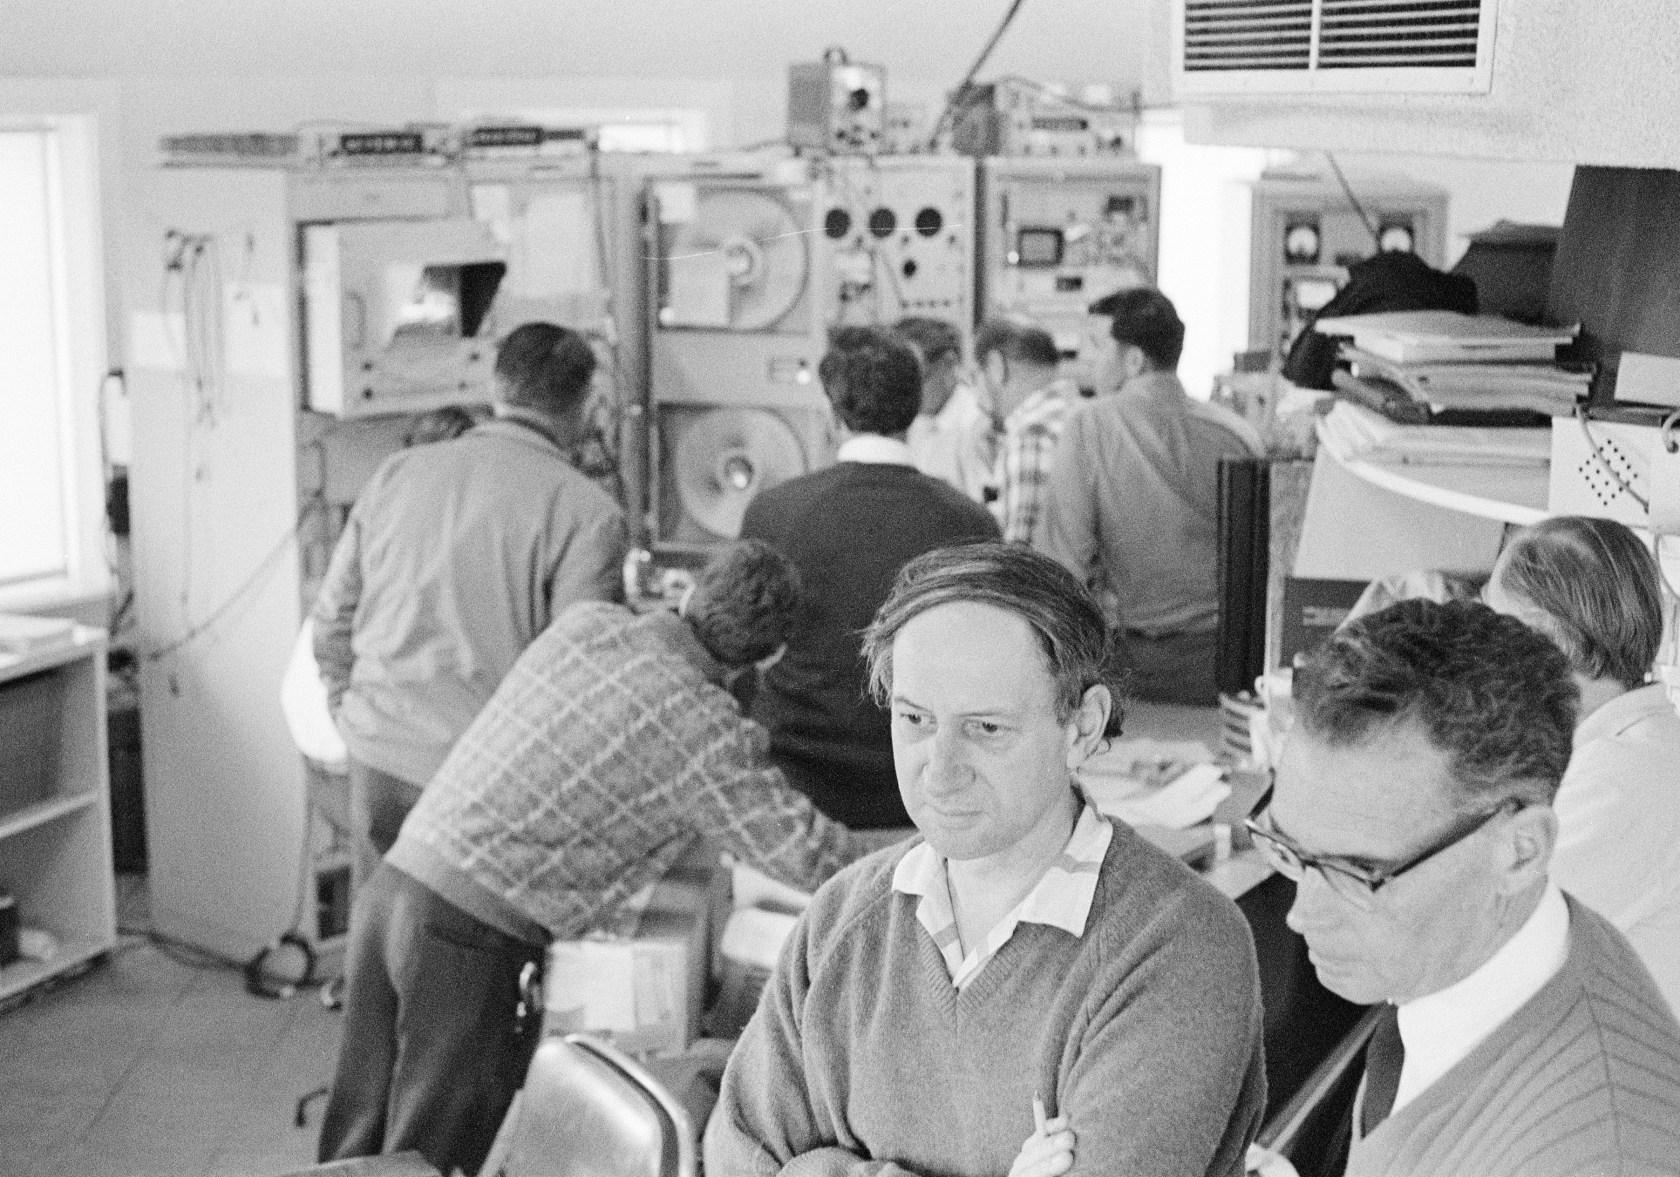 Celebrate Australia's role in mission to the moon - CSIRO